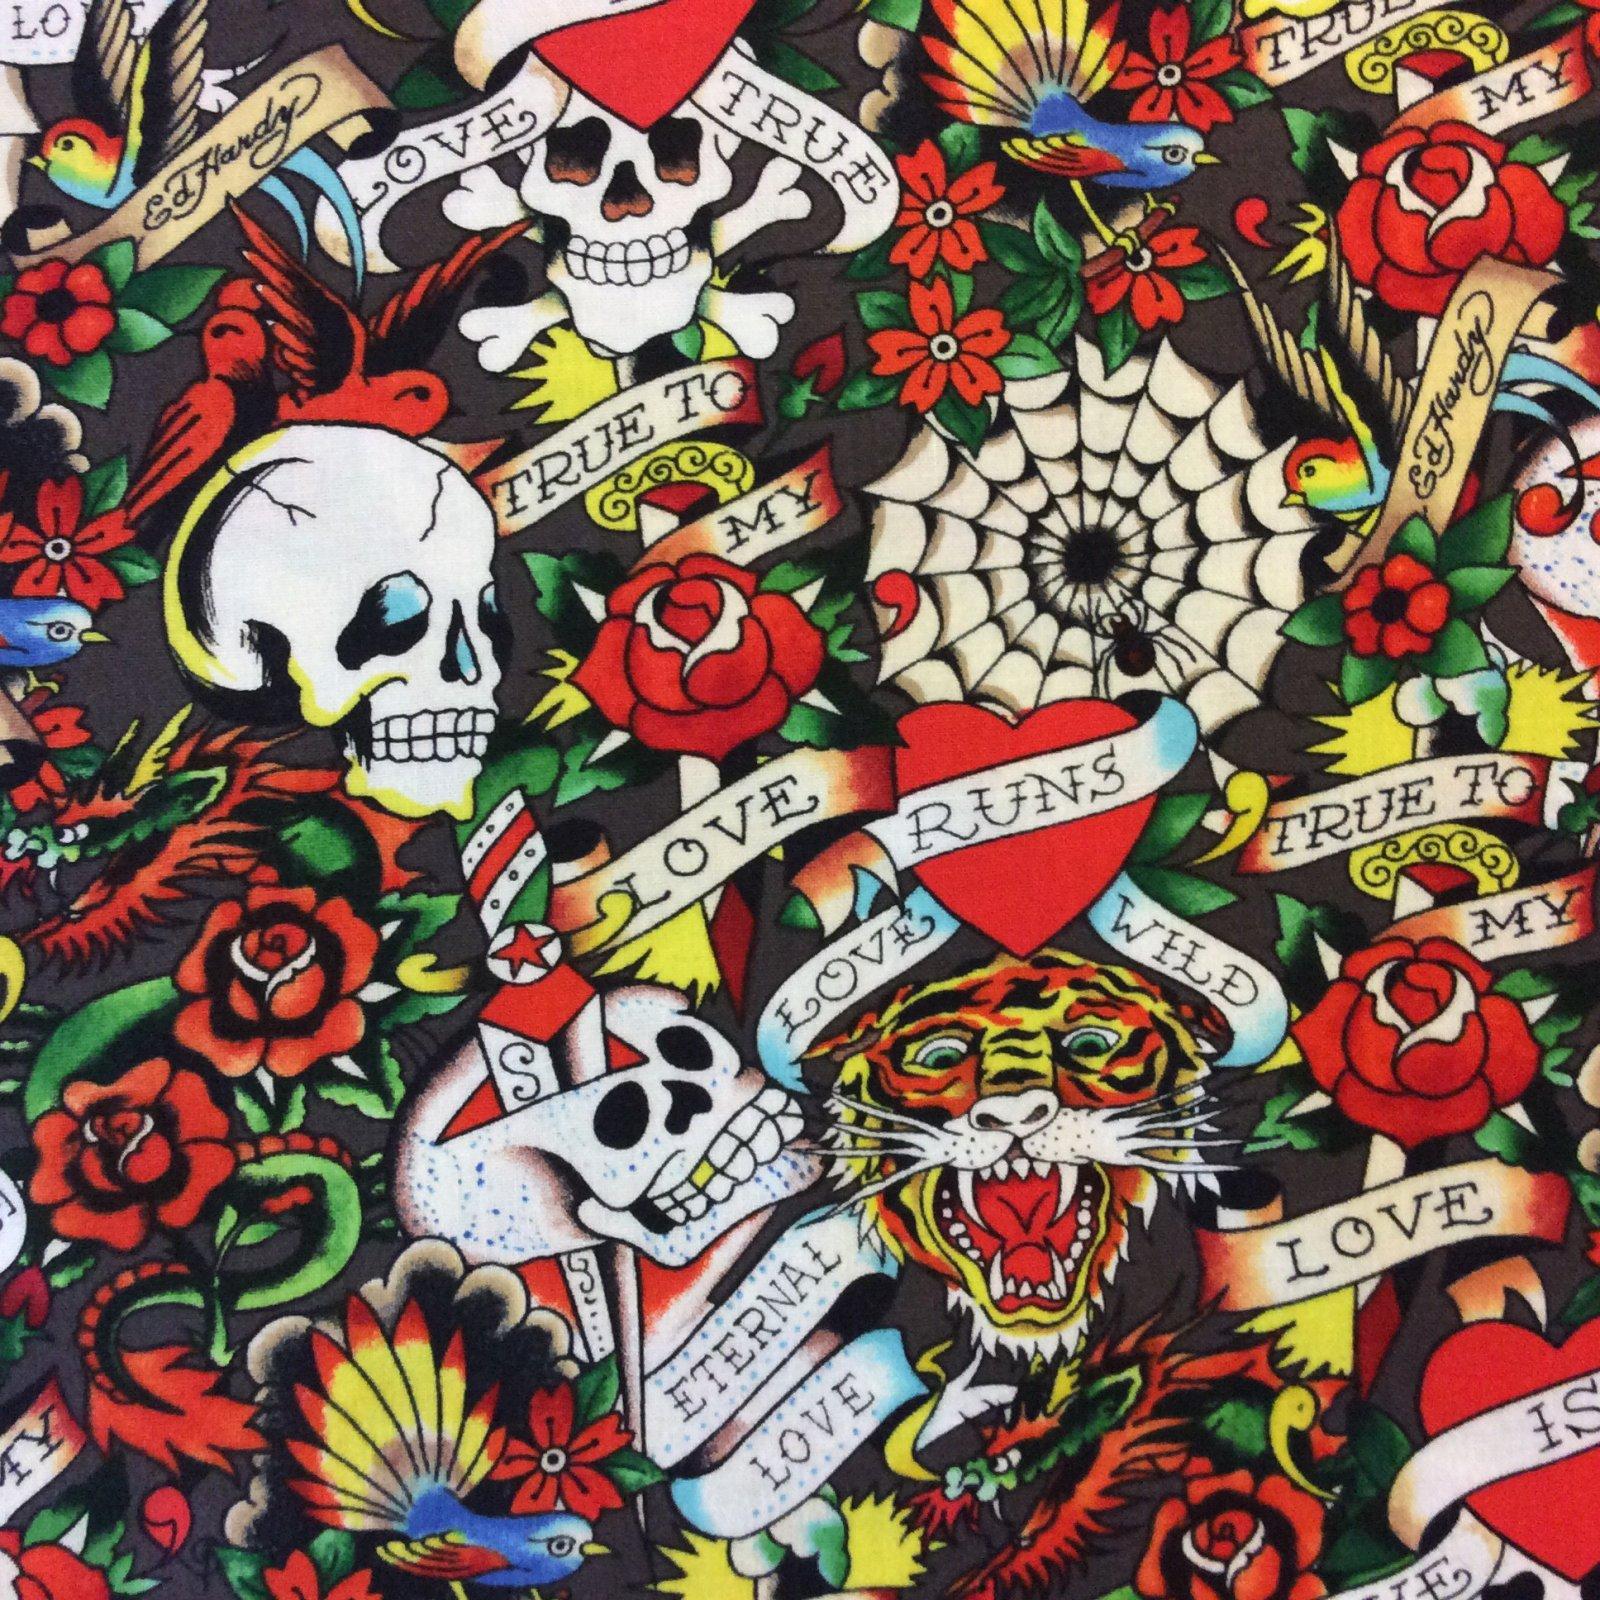 Ed Hardy True Love Skulls Tattoos Biker Tough Tiger Cotton Quilt Fabric QT45